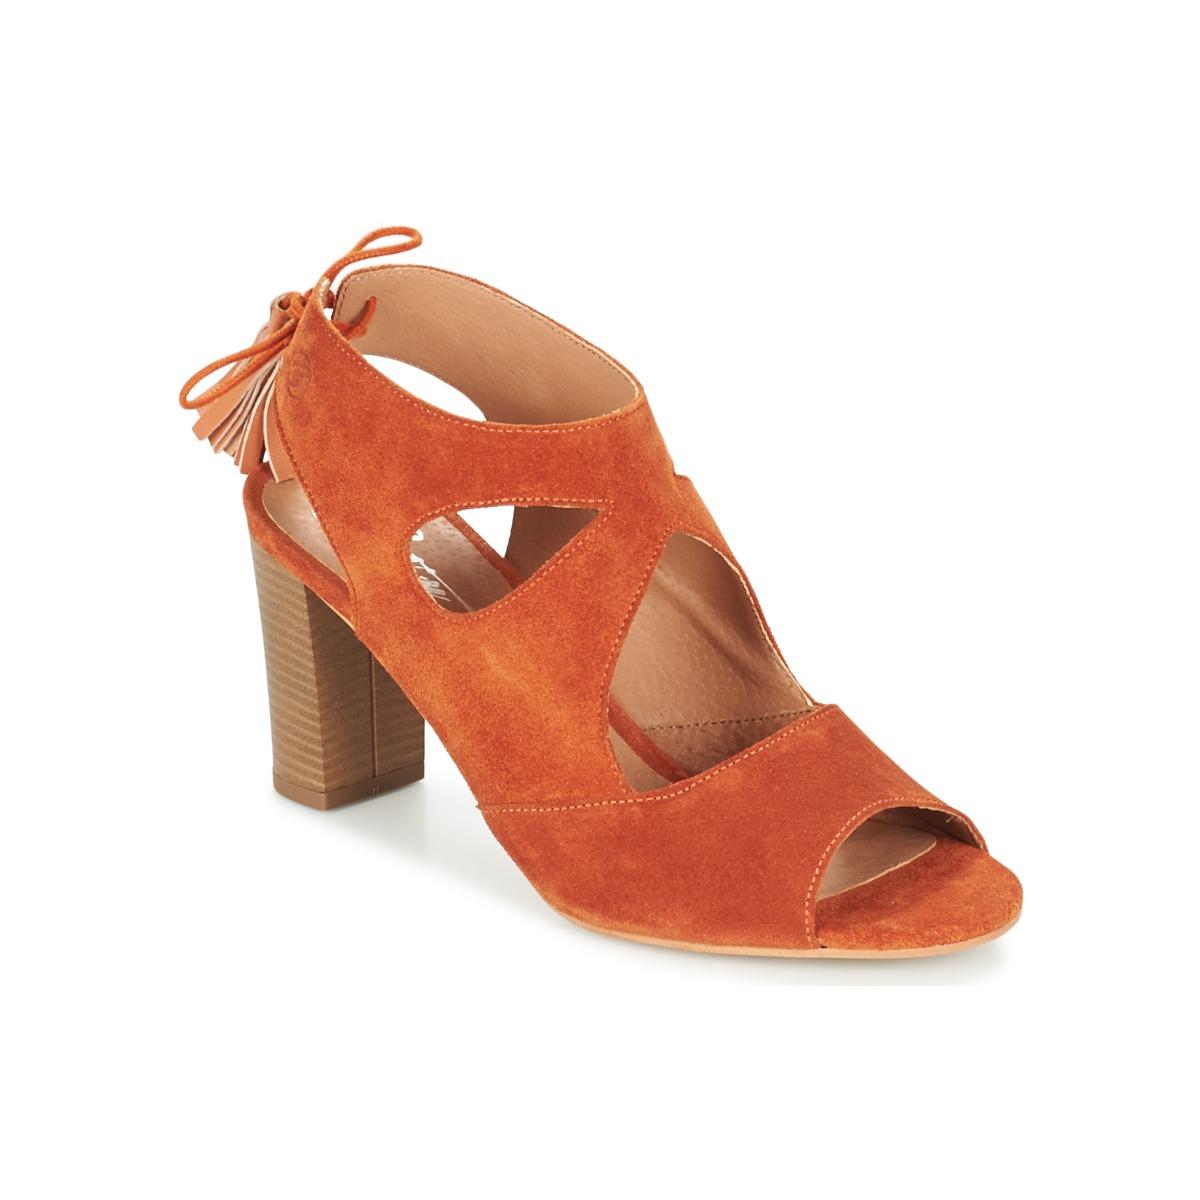 Betty London GARMER Rouille - Livraison Gratuite avec  - Chaussures Sandale Femme